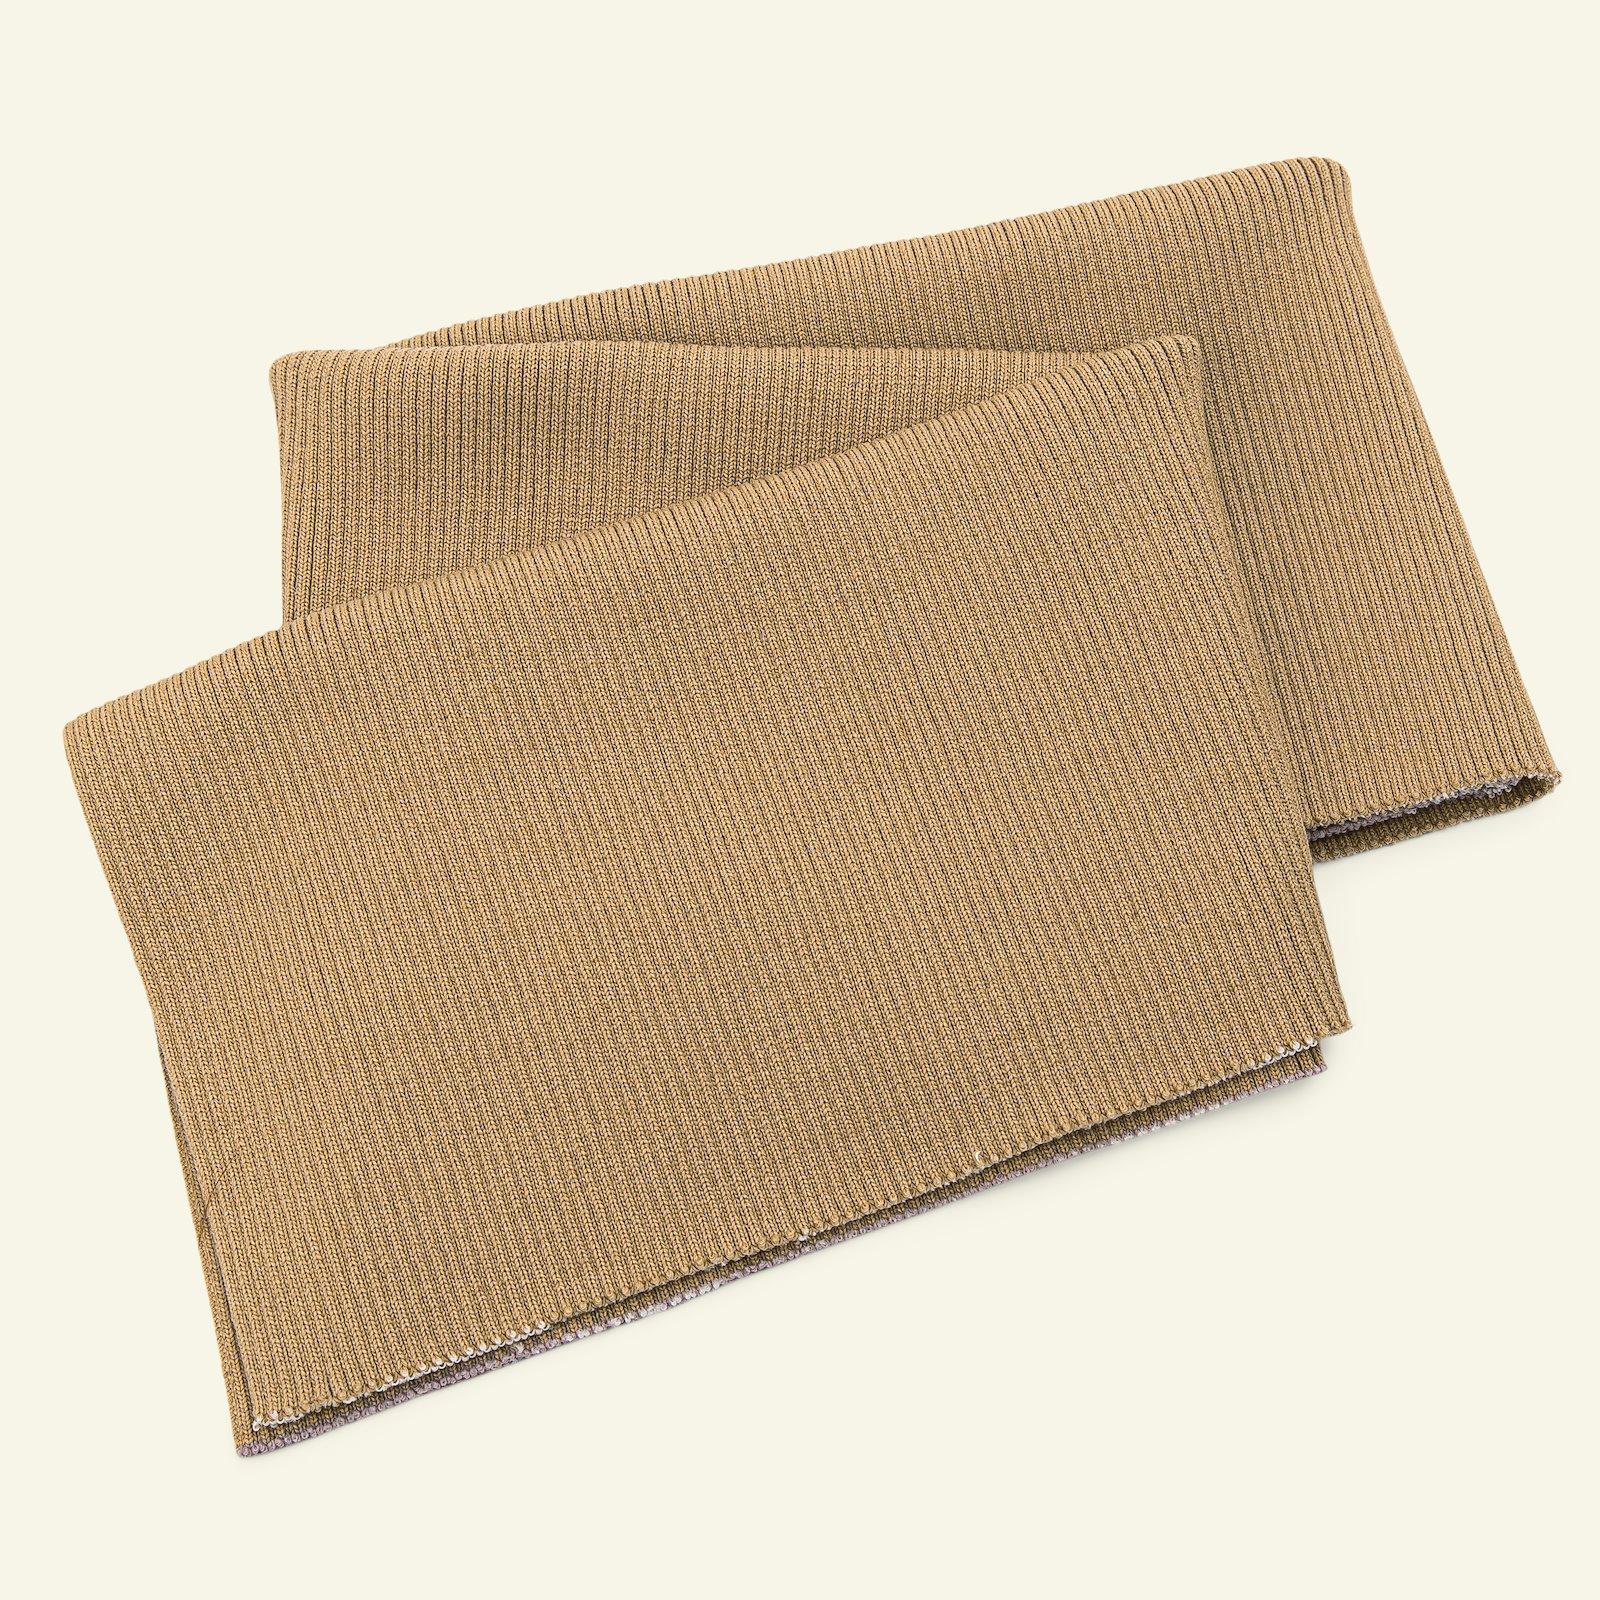 Rib 2x2 30x90cm dark beige 1pc 22380_pack